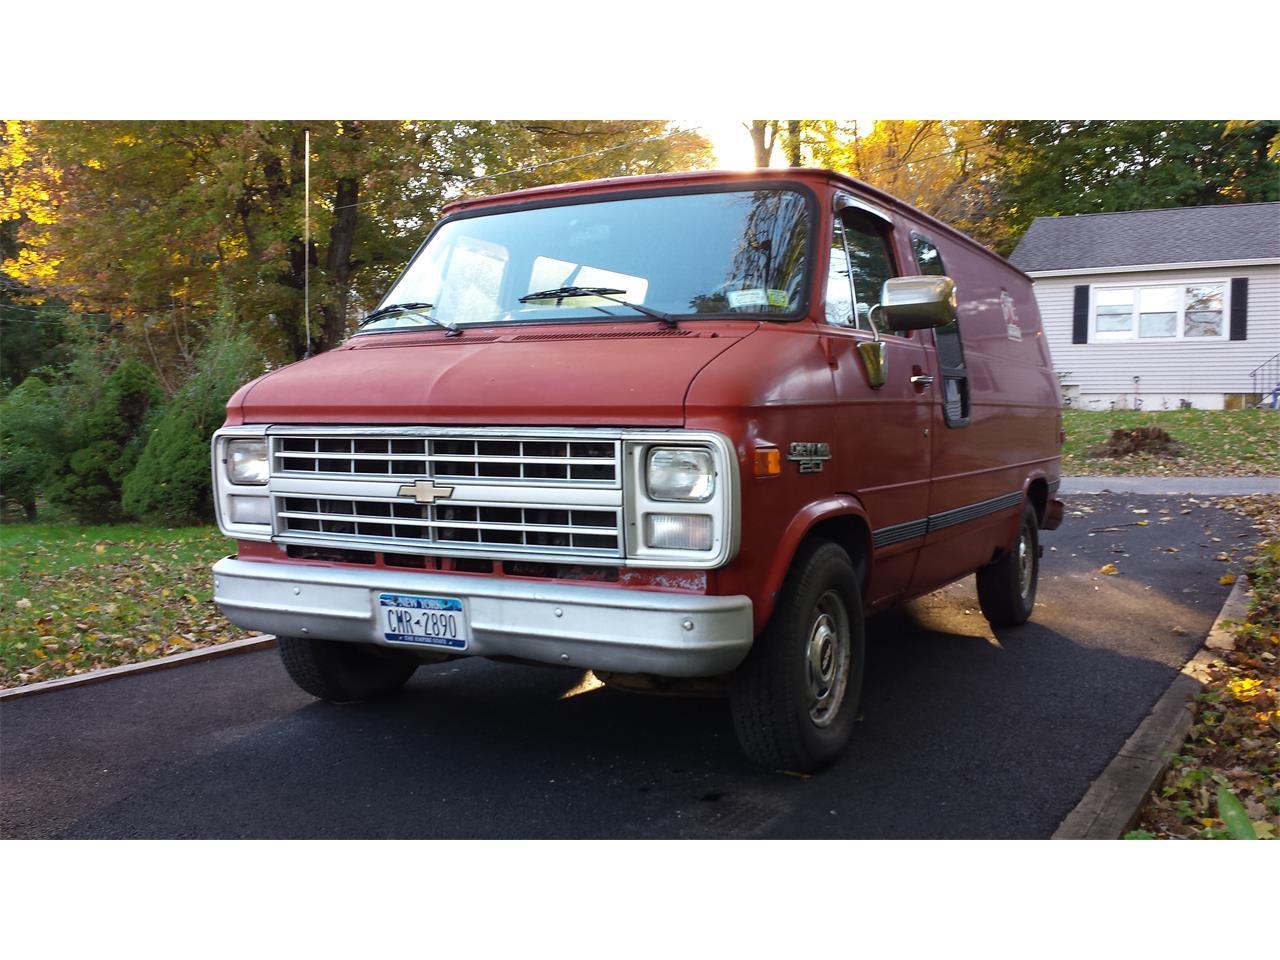 1988 Chevrolet G20 For Sale Classiccars Com Cc 1185695